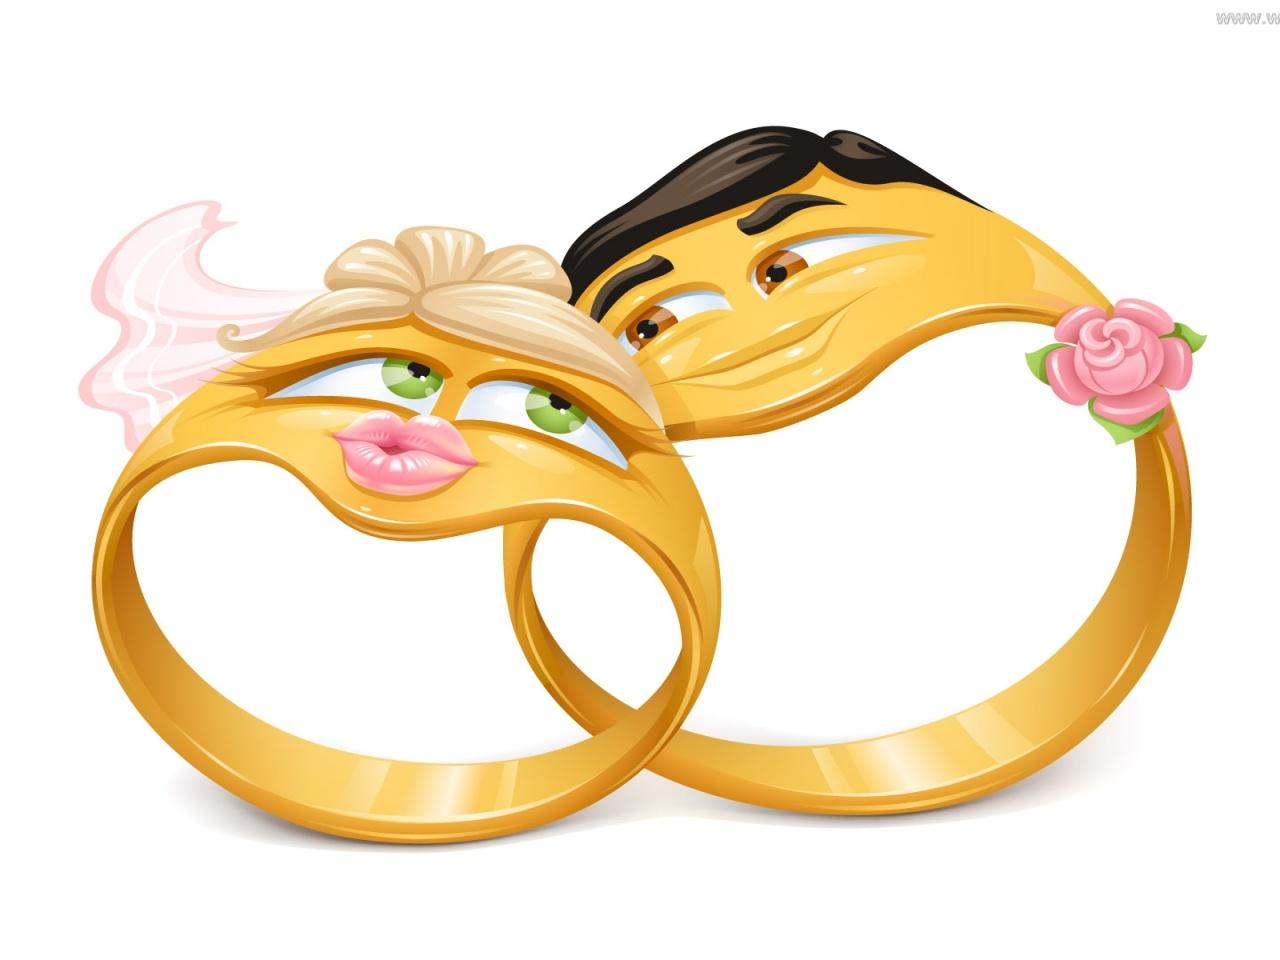 Поздравление в прозе на свадьбу от родителей